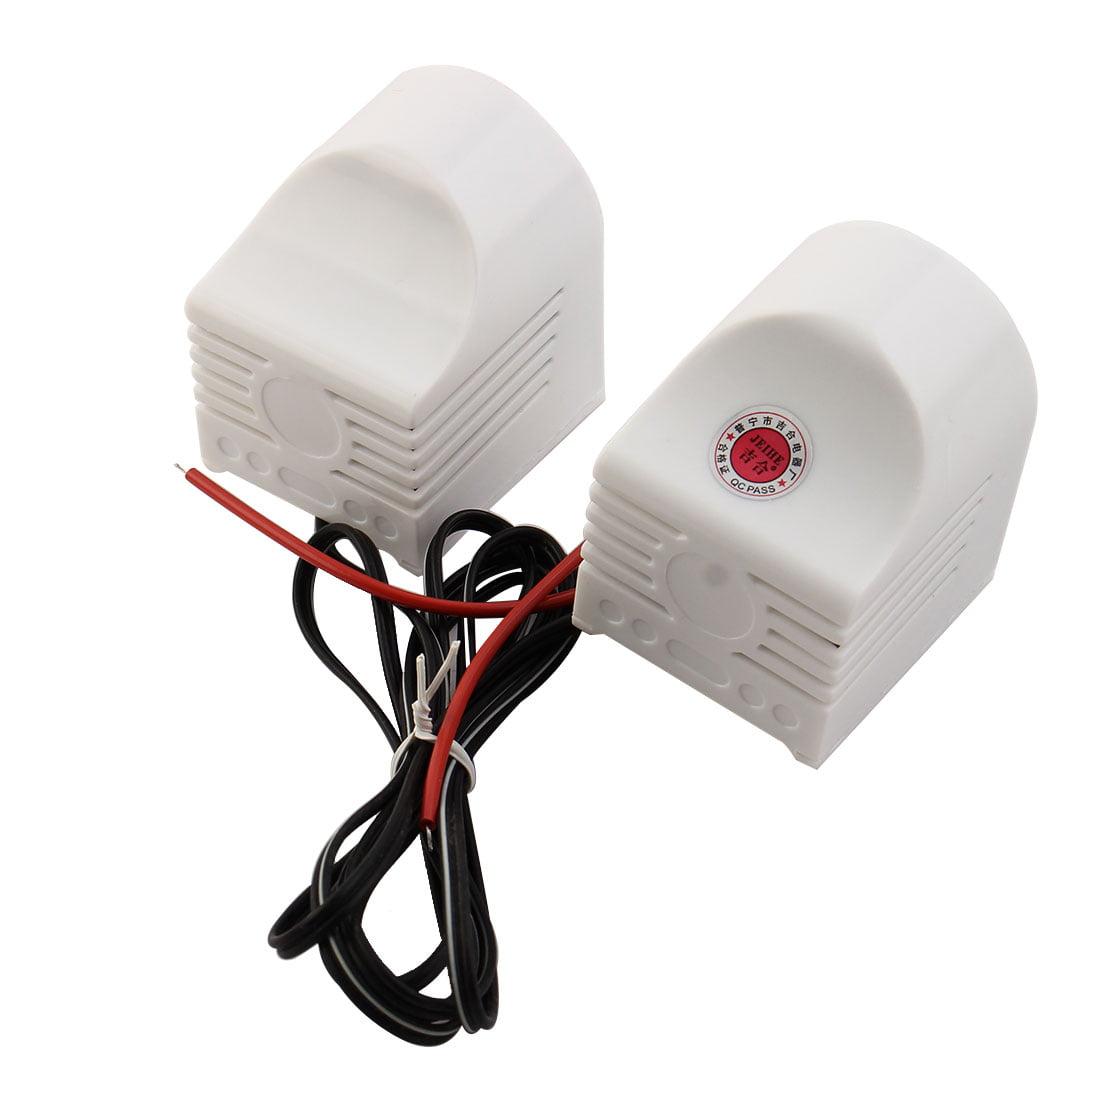 AC 110-280V 20-40W T8 Light Tube Fluorescent Lamp Holder Electronic Ballast Pair